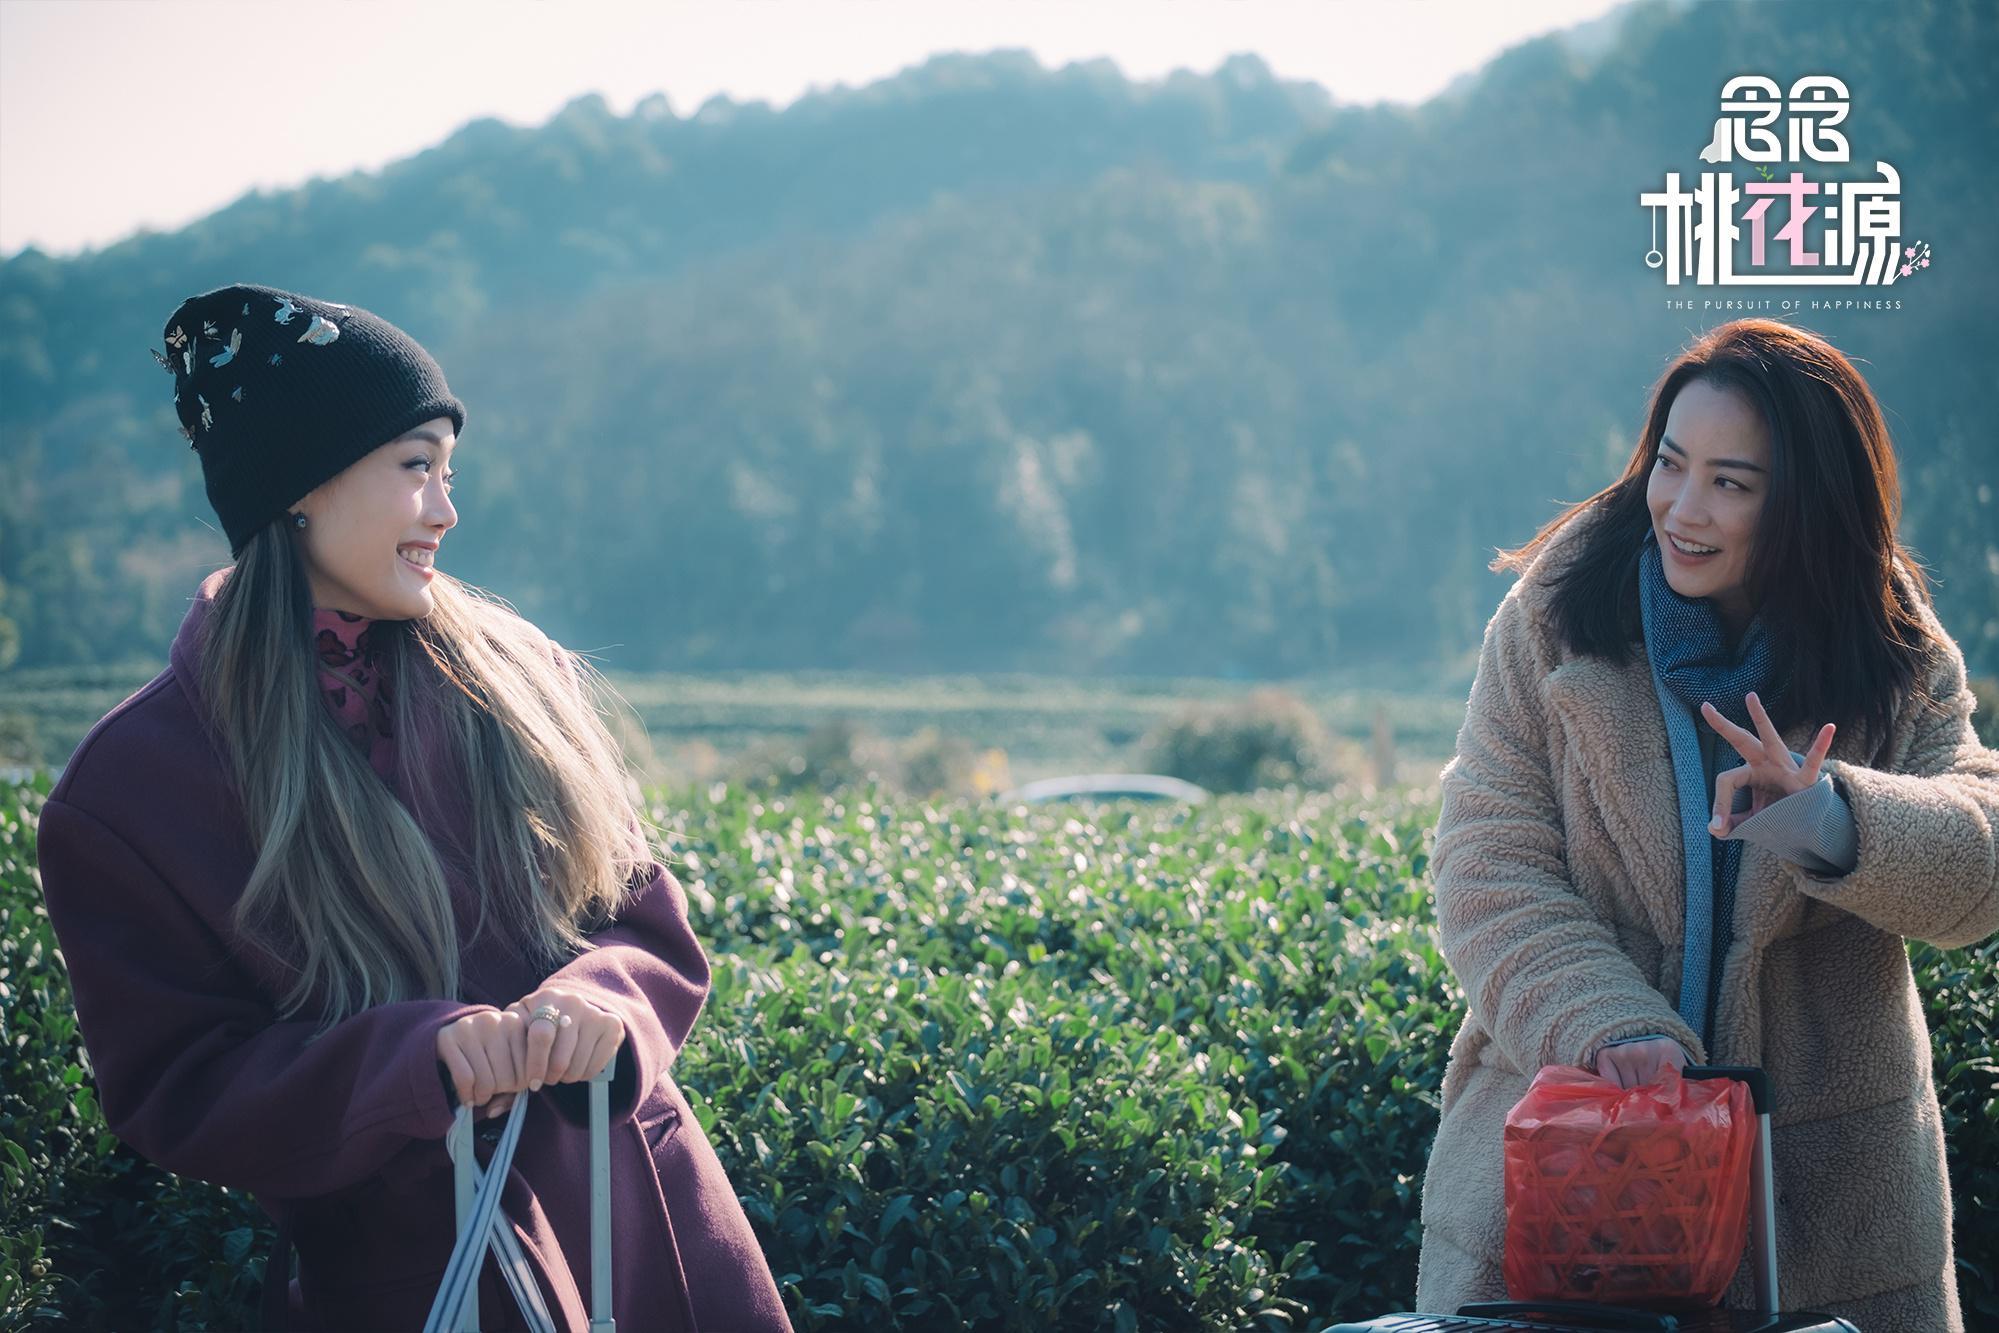 《念念桃花源》容祖儿翻译霍汶希普通话 两人互动欢乐十足